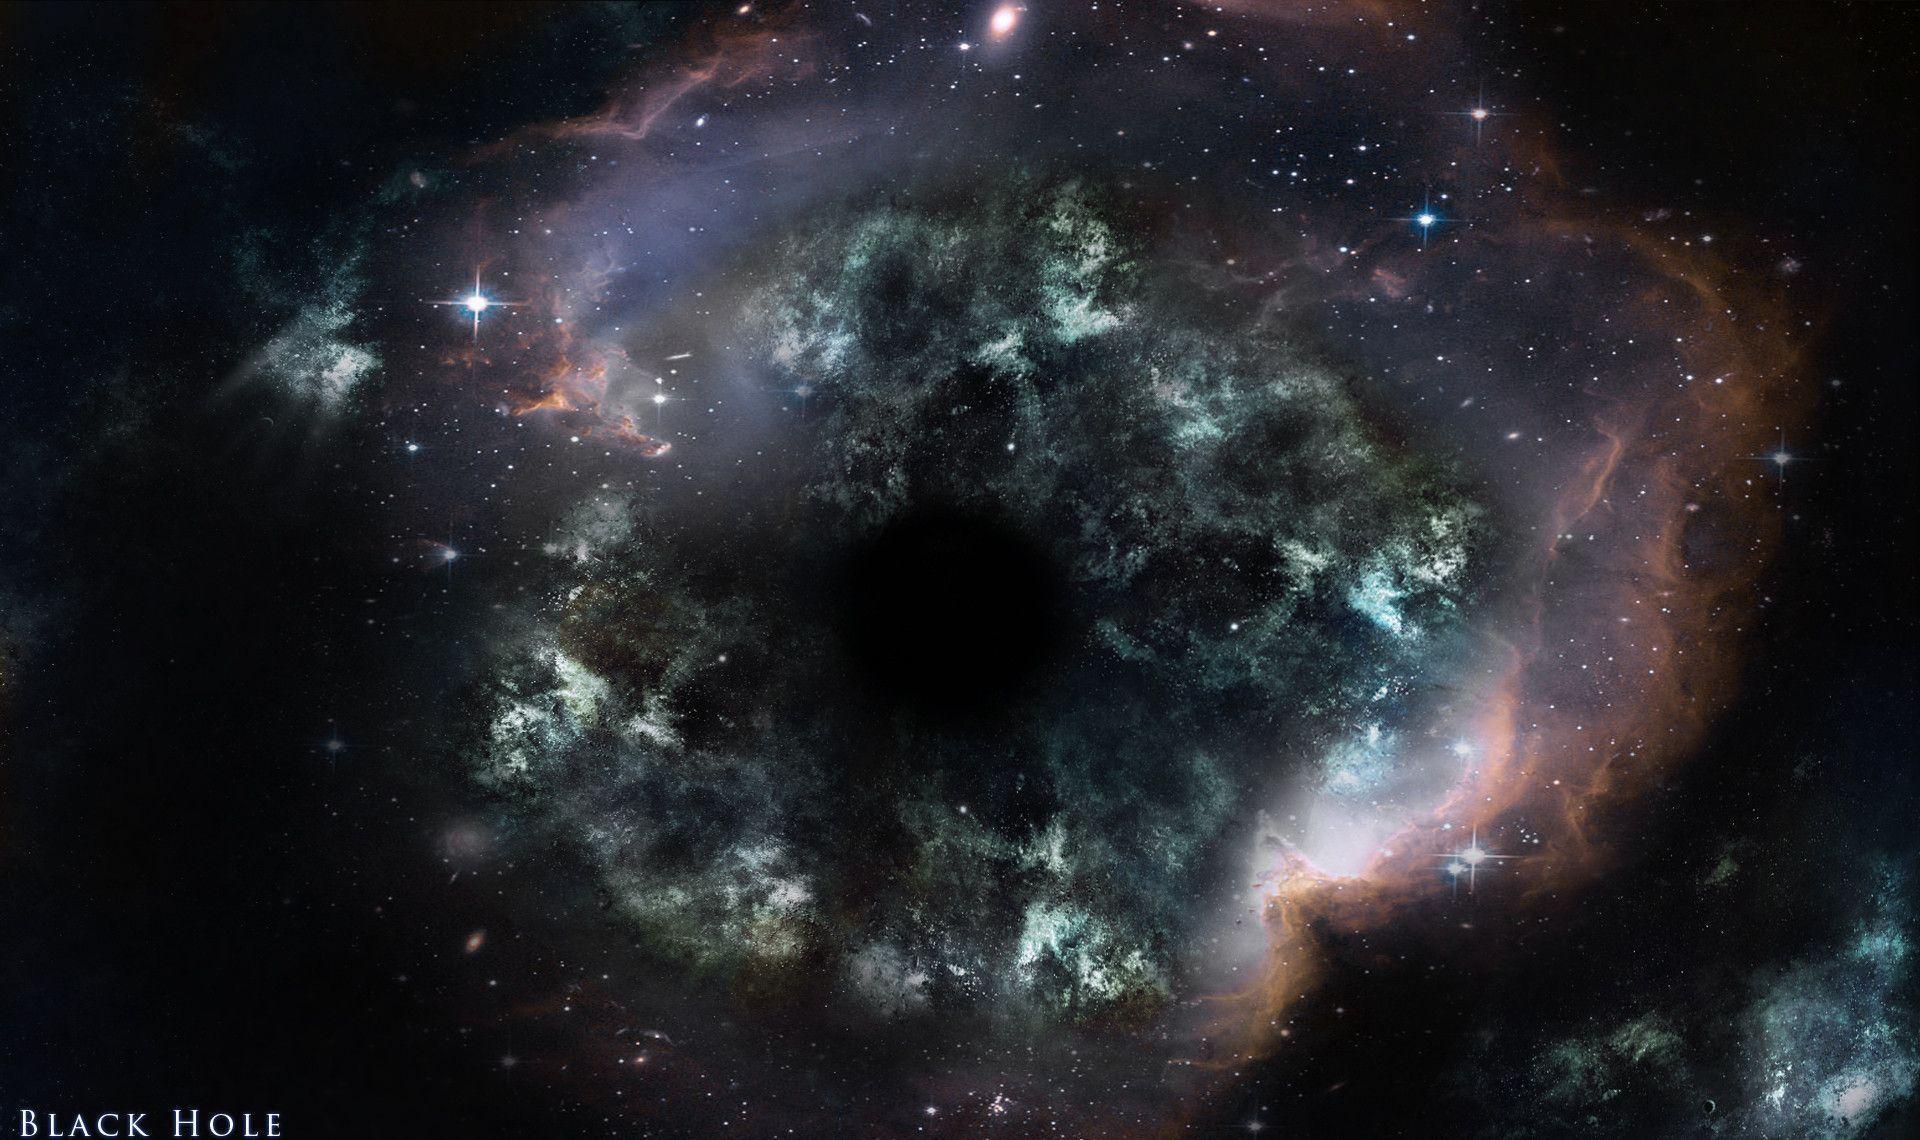 Black Hole Backgrounds 1920x1140